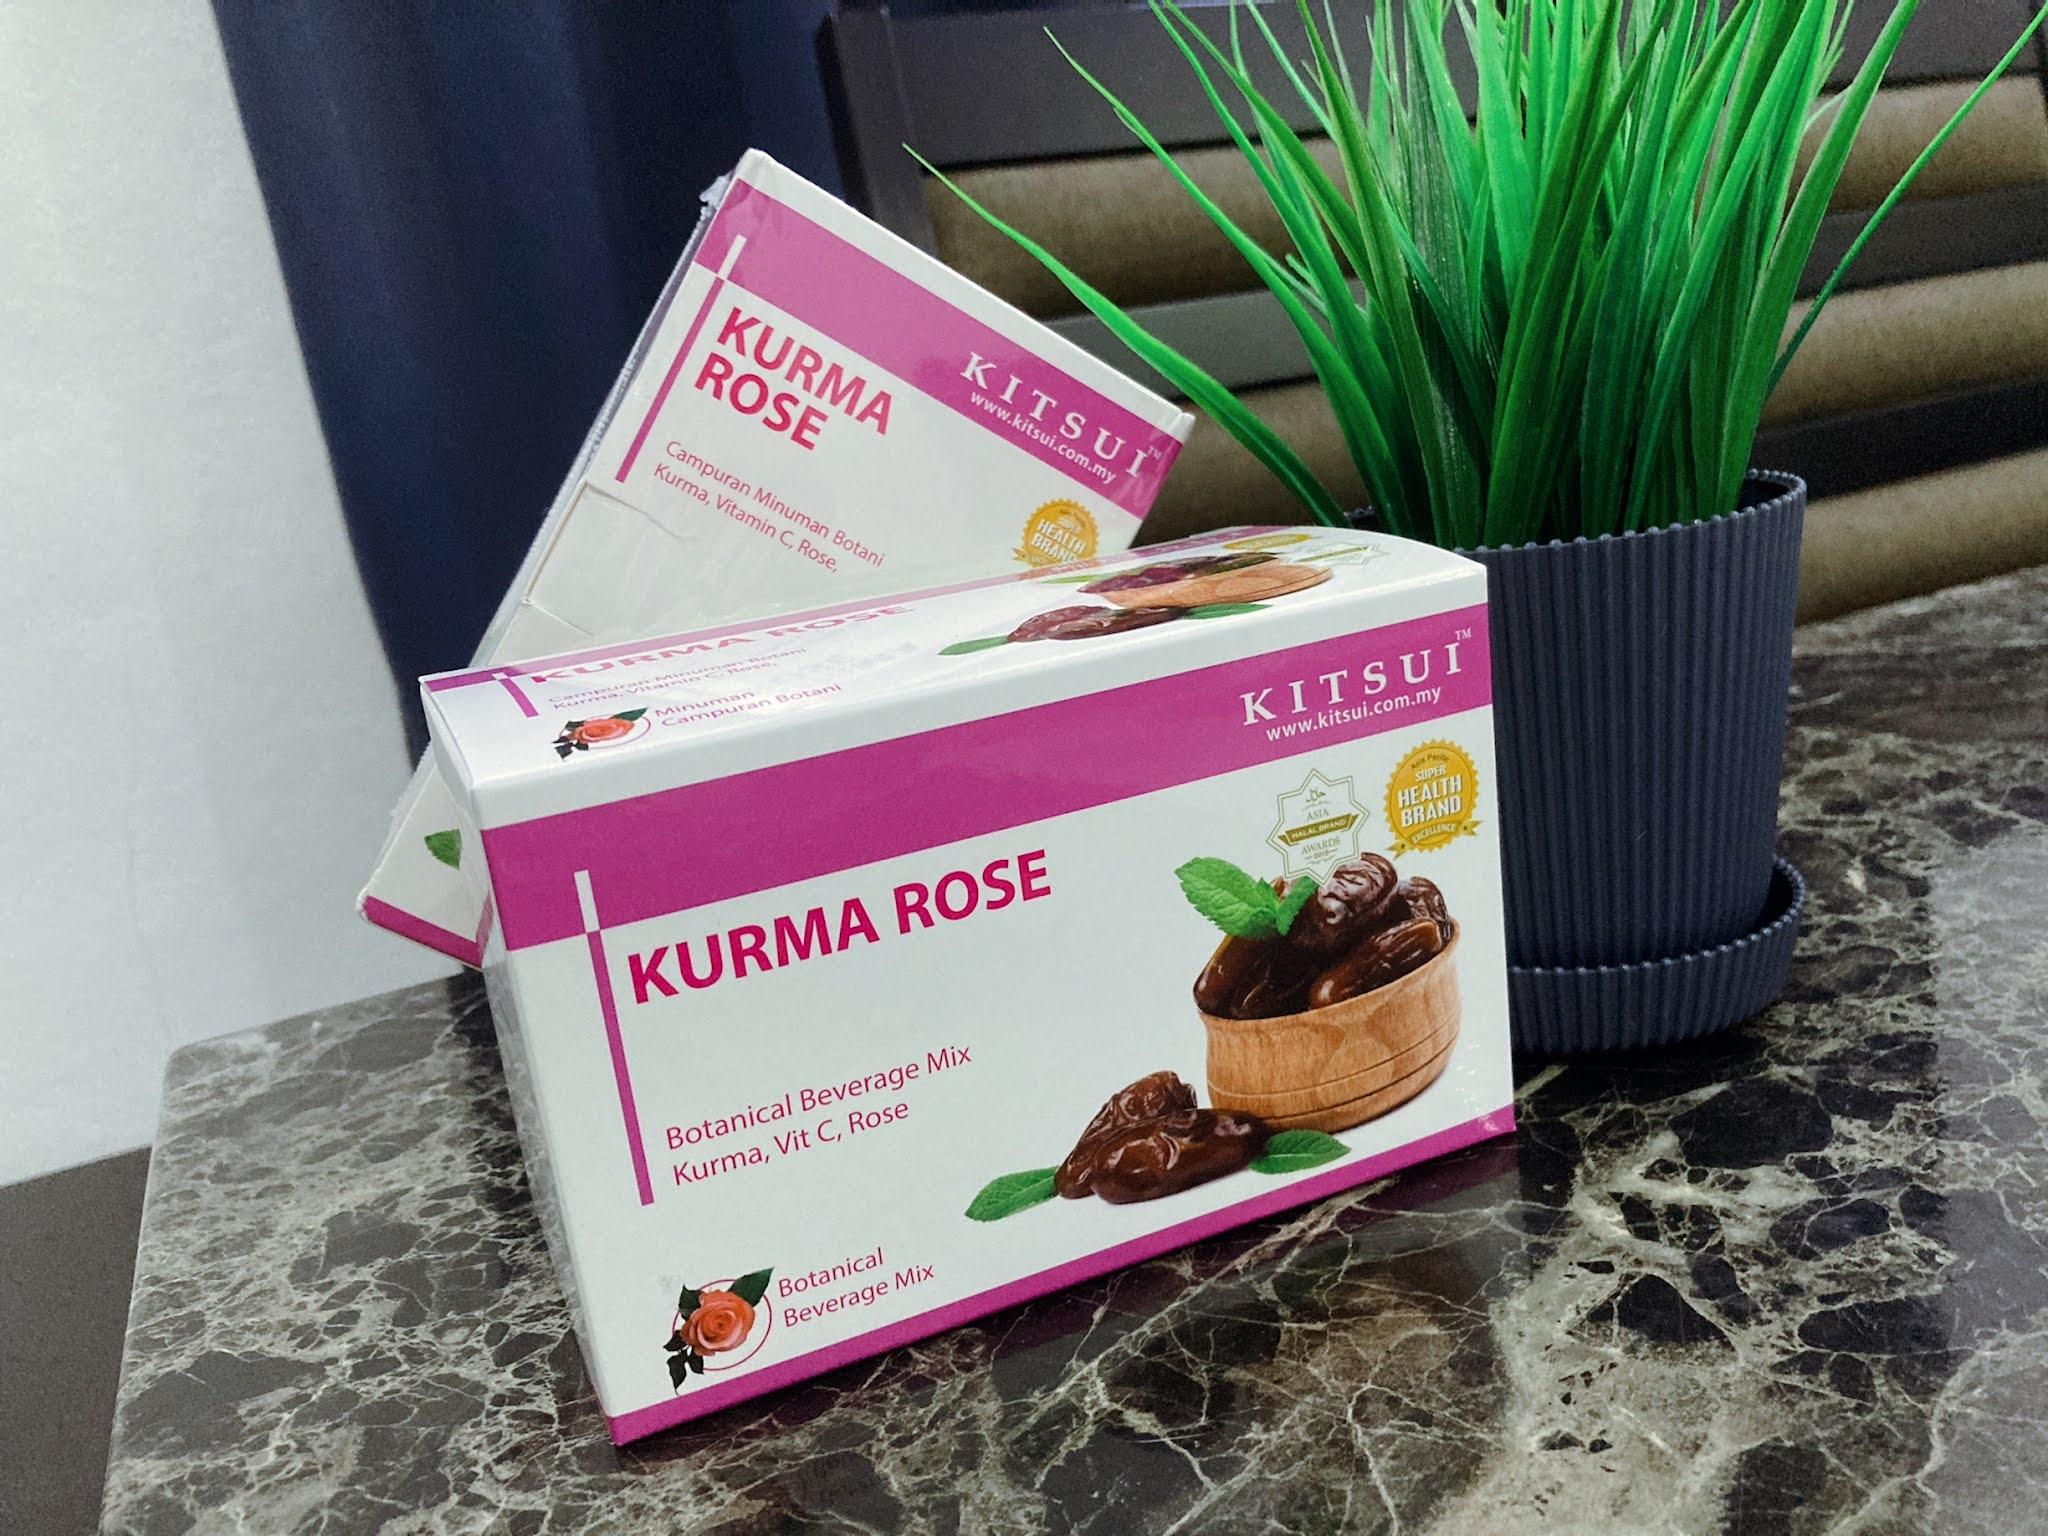 KITSUI KURMA ROSE